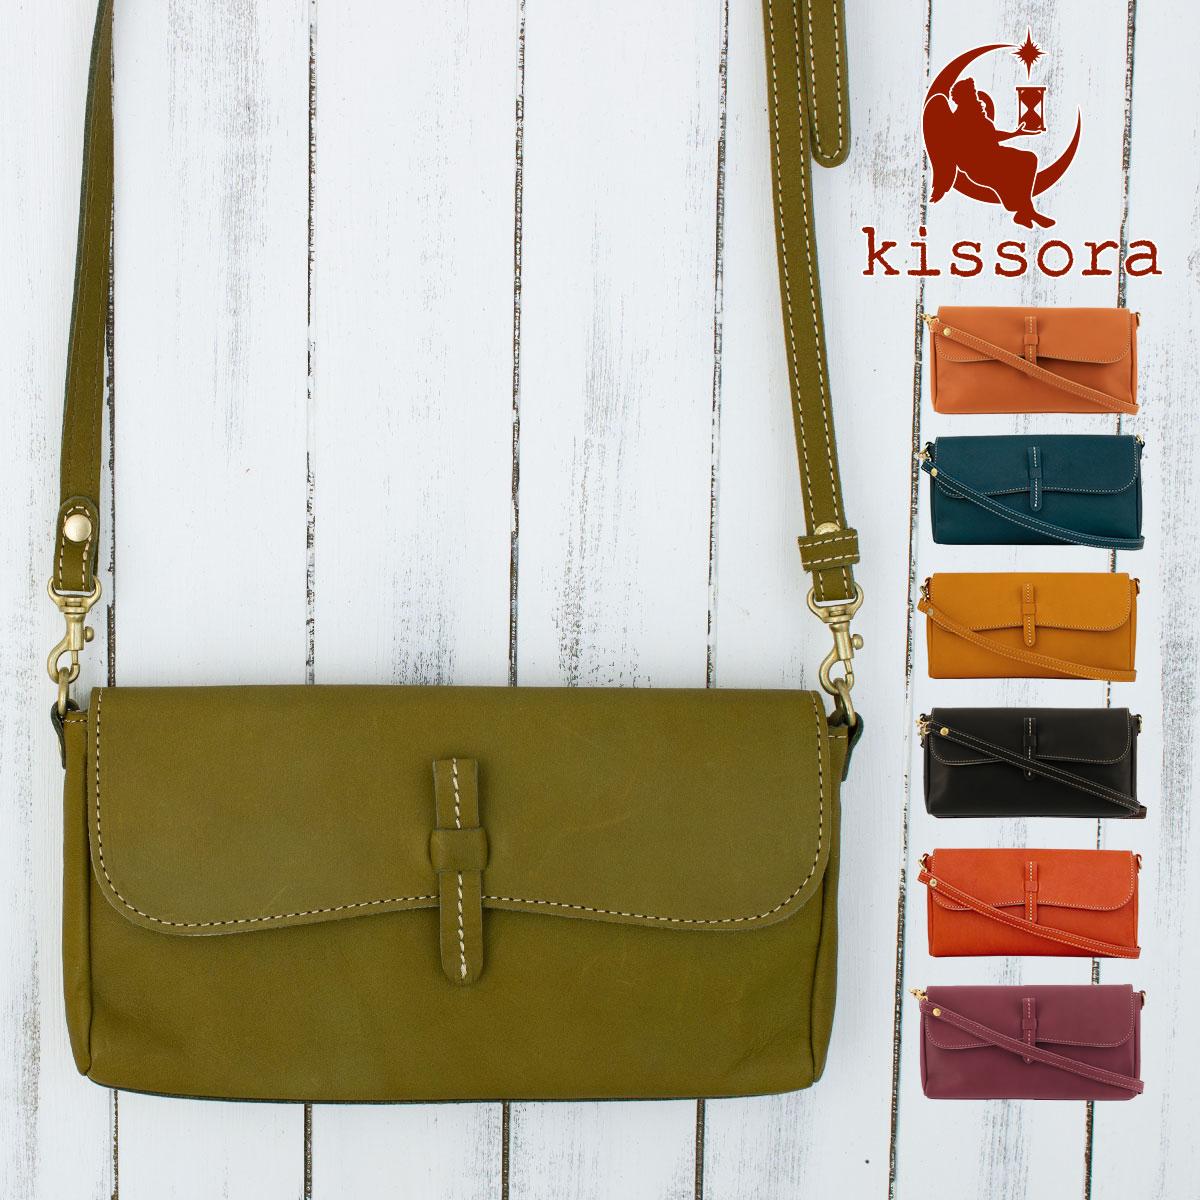 ウォレットショルダー 本革 kissora キソラ KIOB-020 アマーレ ショルダーバッグ 財布 ポシェット レザー 日本製 レディース